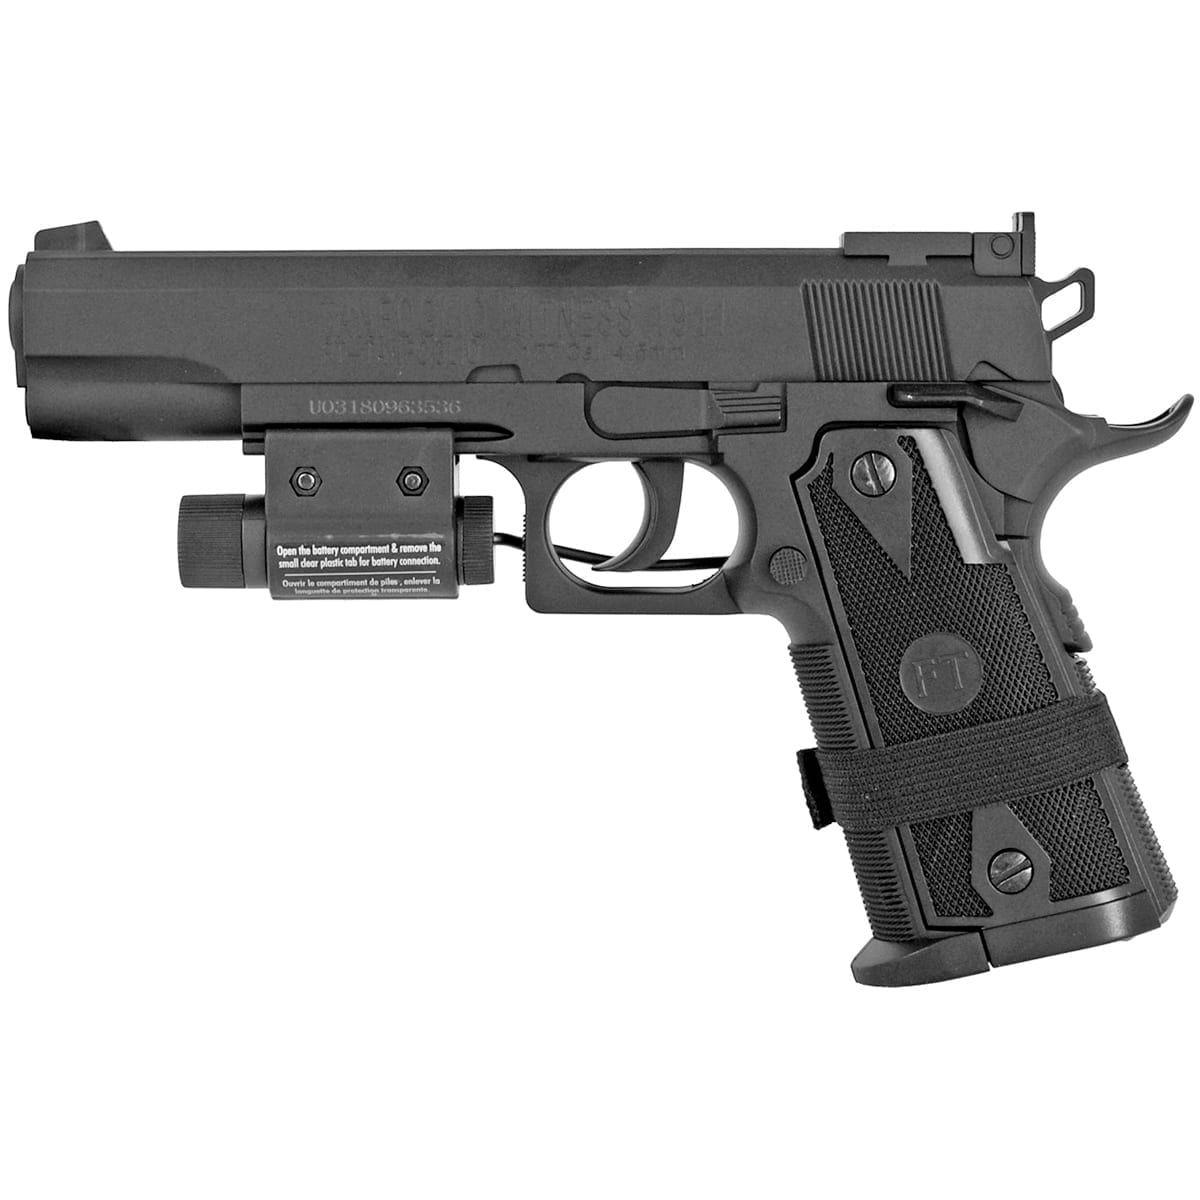 1911 co2 4.5mm airgun kit pistol